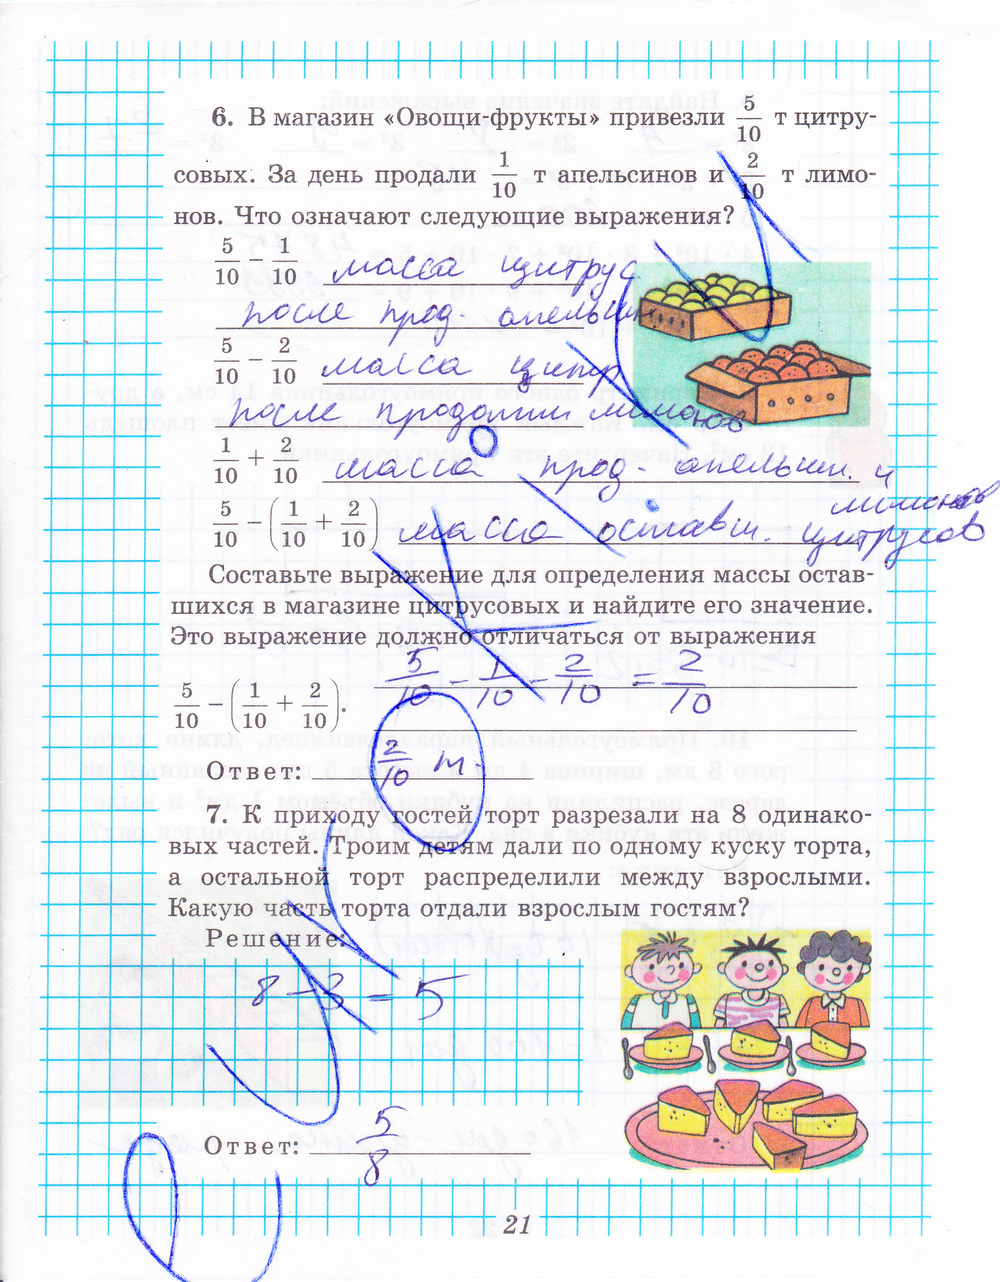 ГДЗ по математике 5 класс рабочая тетрадь Рудницкая Часть 1, 2. Задание: стр. 21